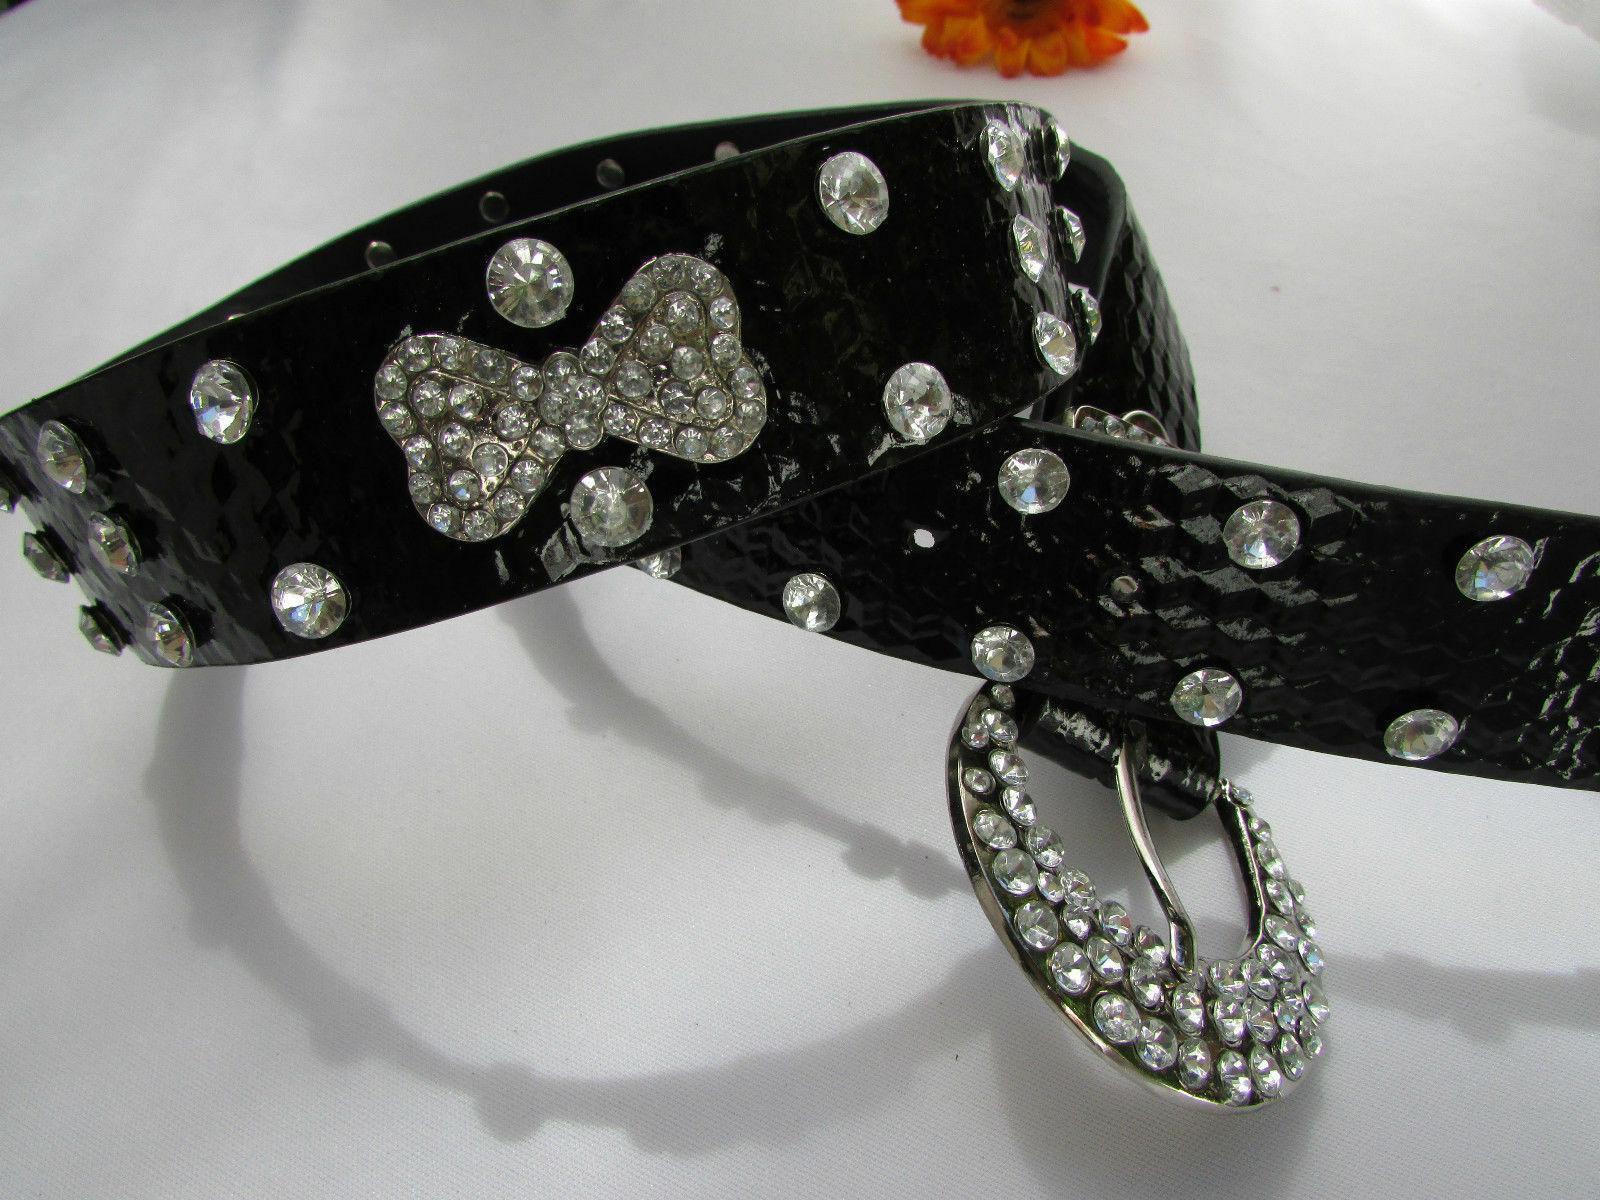 Femme Faux Cuir Noir Western Ceinture Grand Noeud Argent Perles Boucle Fantaisie